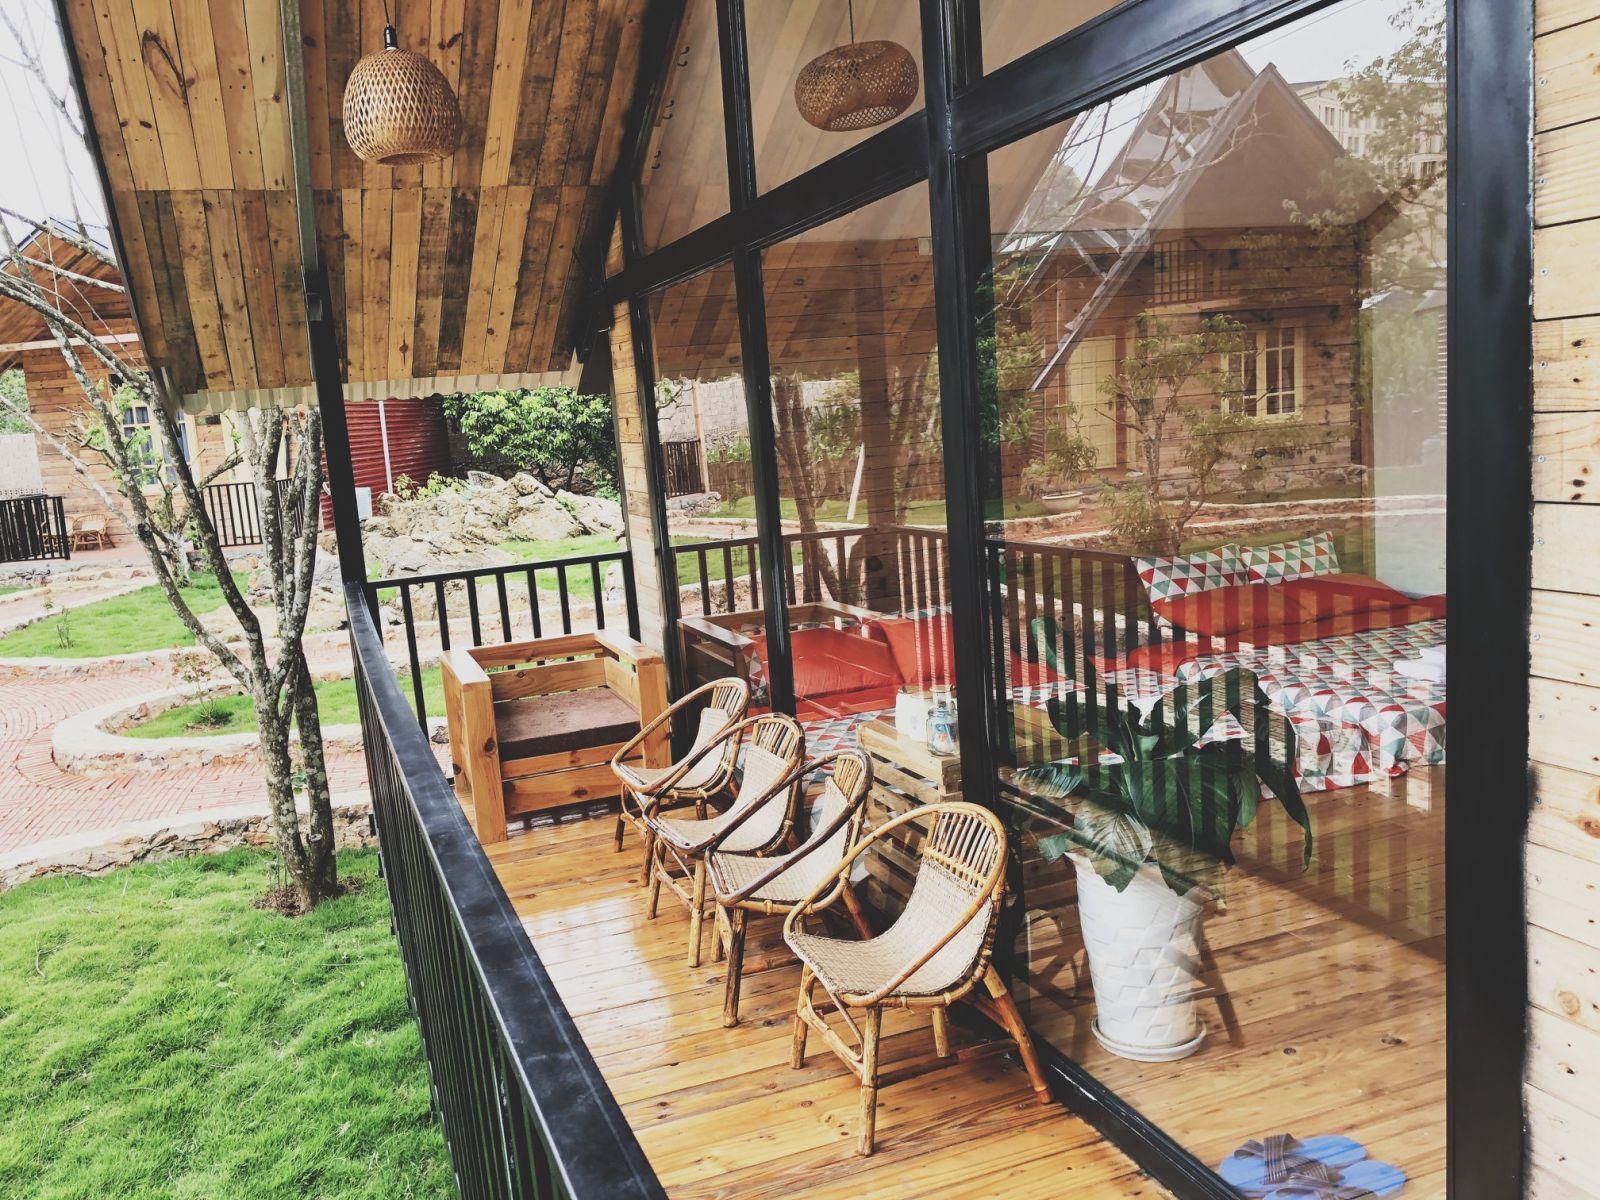 review homestay lavallee moc chau 15 - Homestay Lavallee Mộc Châu góc nhỏ yên bình thảo nguyên xanh